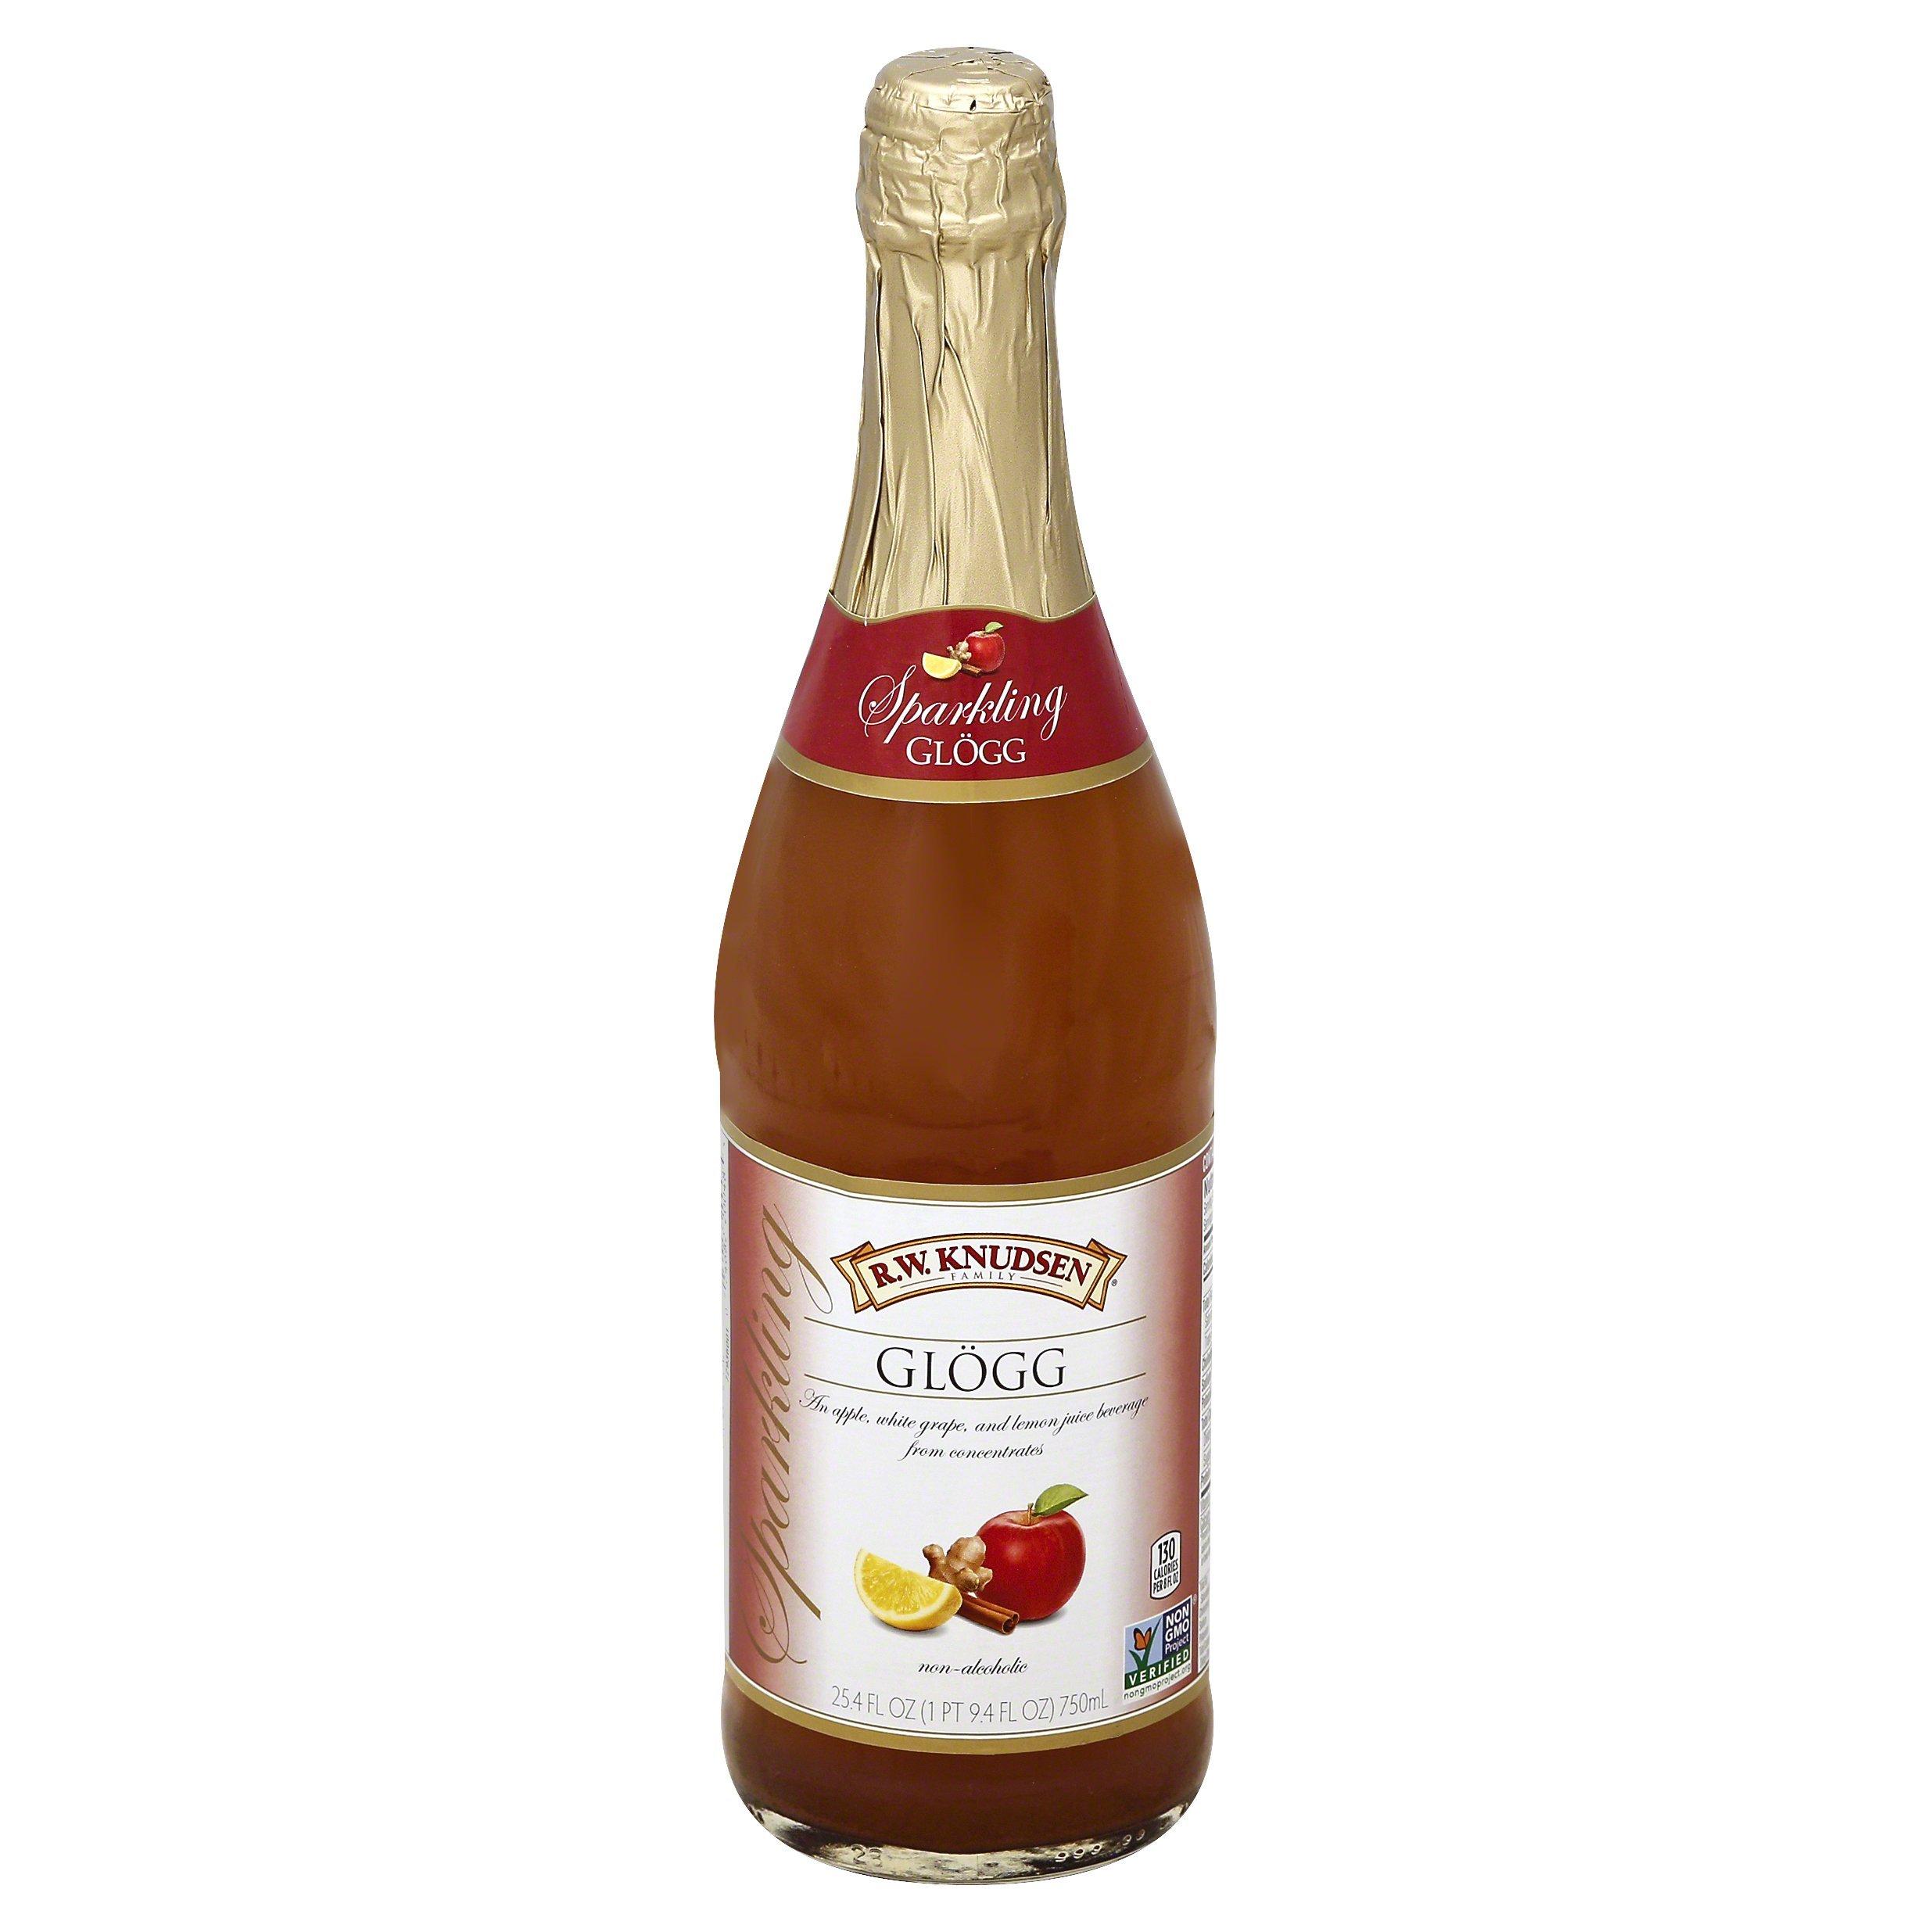 R.W. Knudsen Sparkling Glogg, Celebratory Juice, 25.4 fl oz